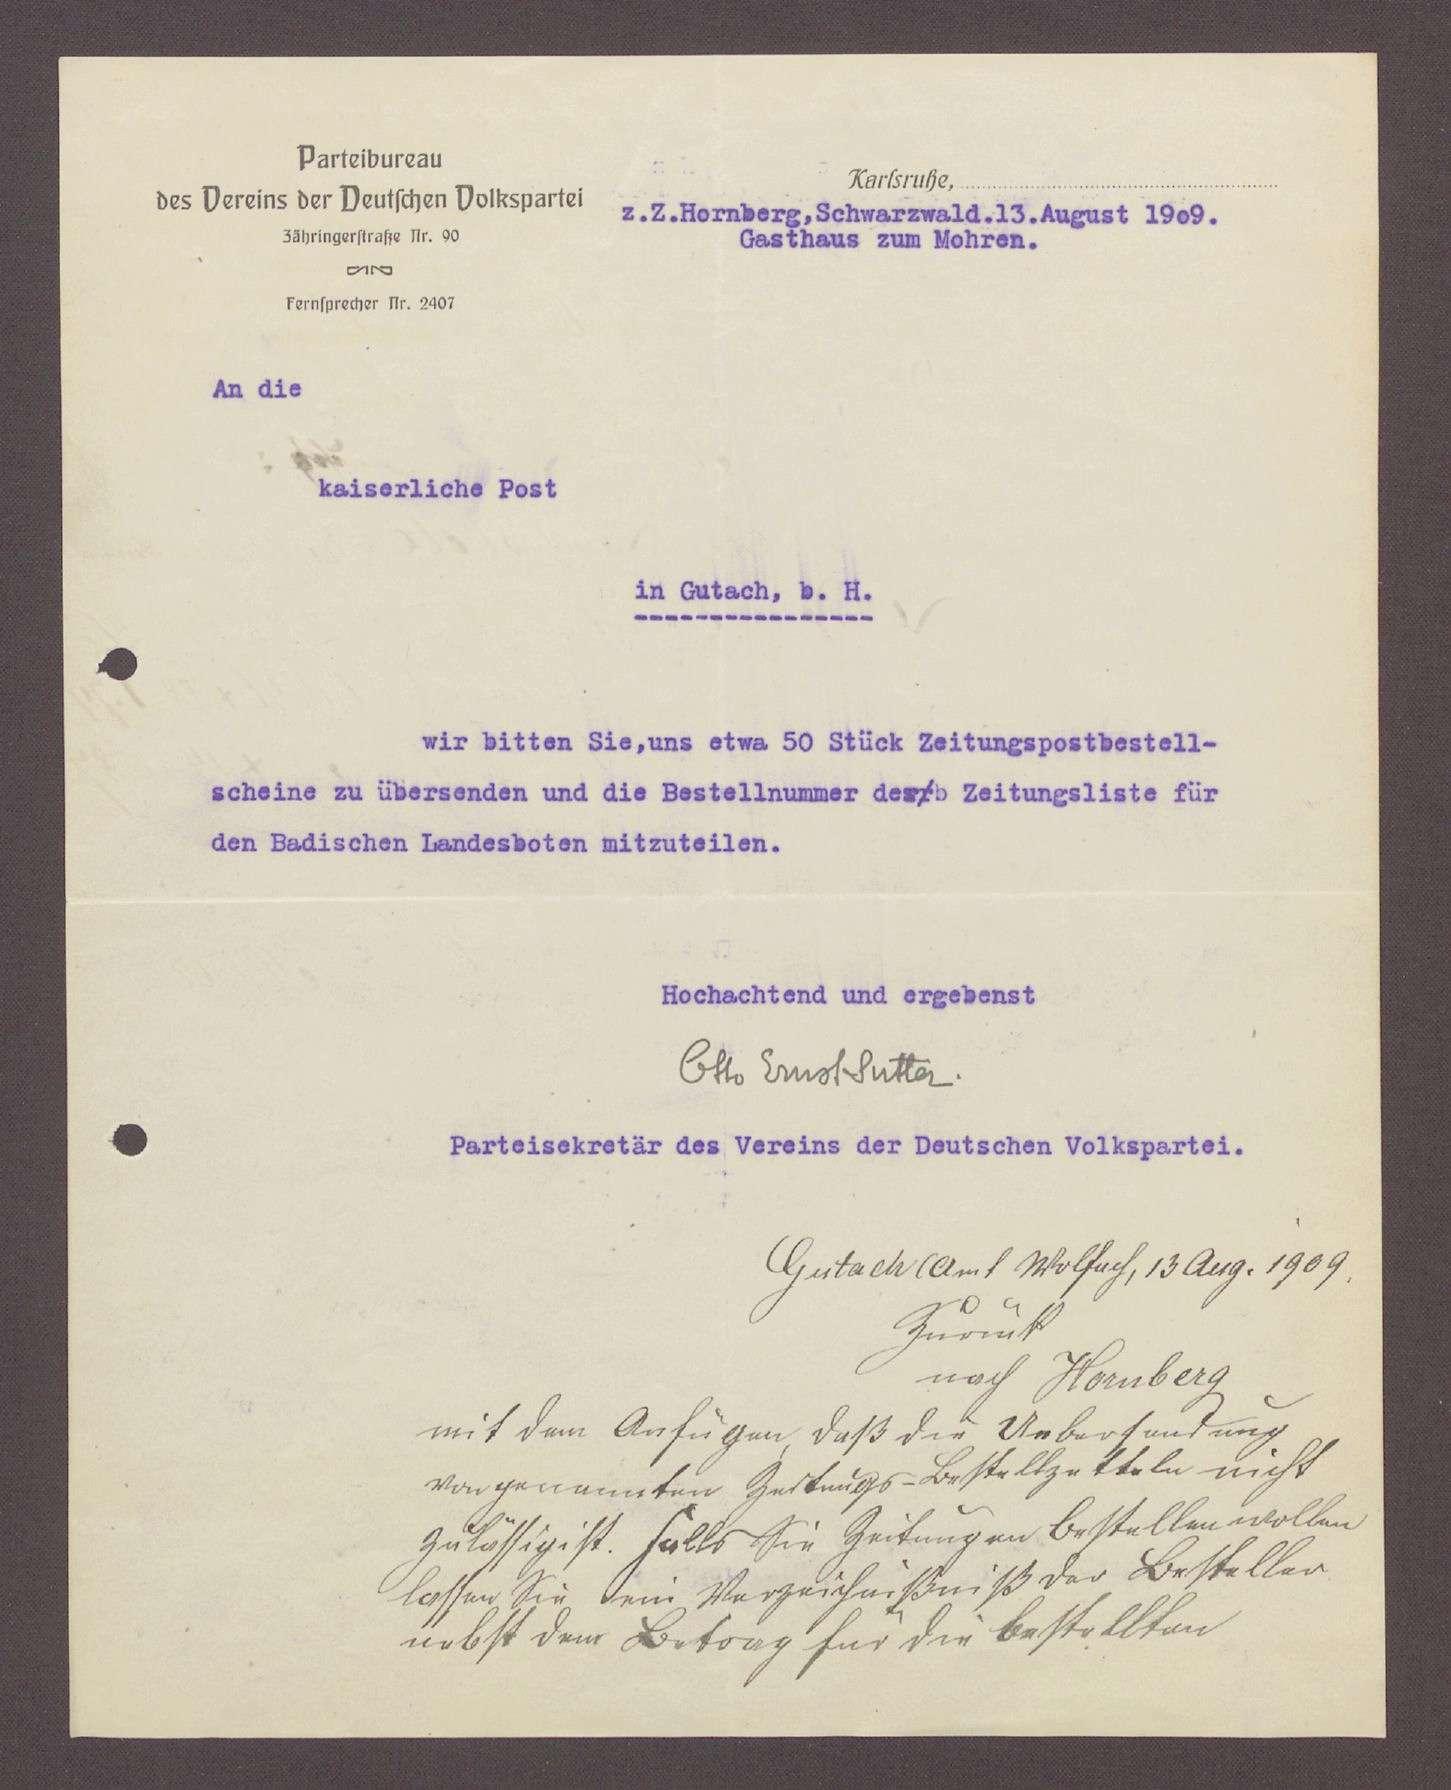 Schreiben von Otto Ernst Sutter, Parteisekretär der DVP, Hornberg, Gasthaus zum Mohren, an die Post in Gutach: Zusendung von Zeitungen und der Bestellnummer des Badischen Landesboten, 1 Schreiben, Bild 1